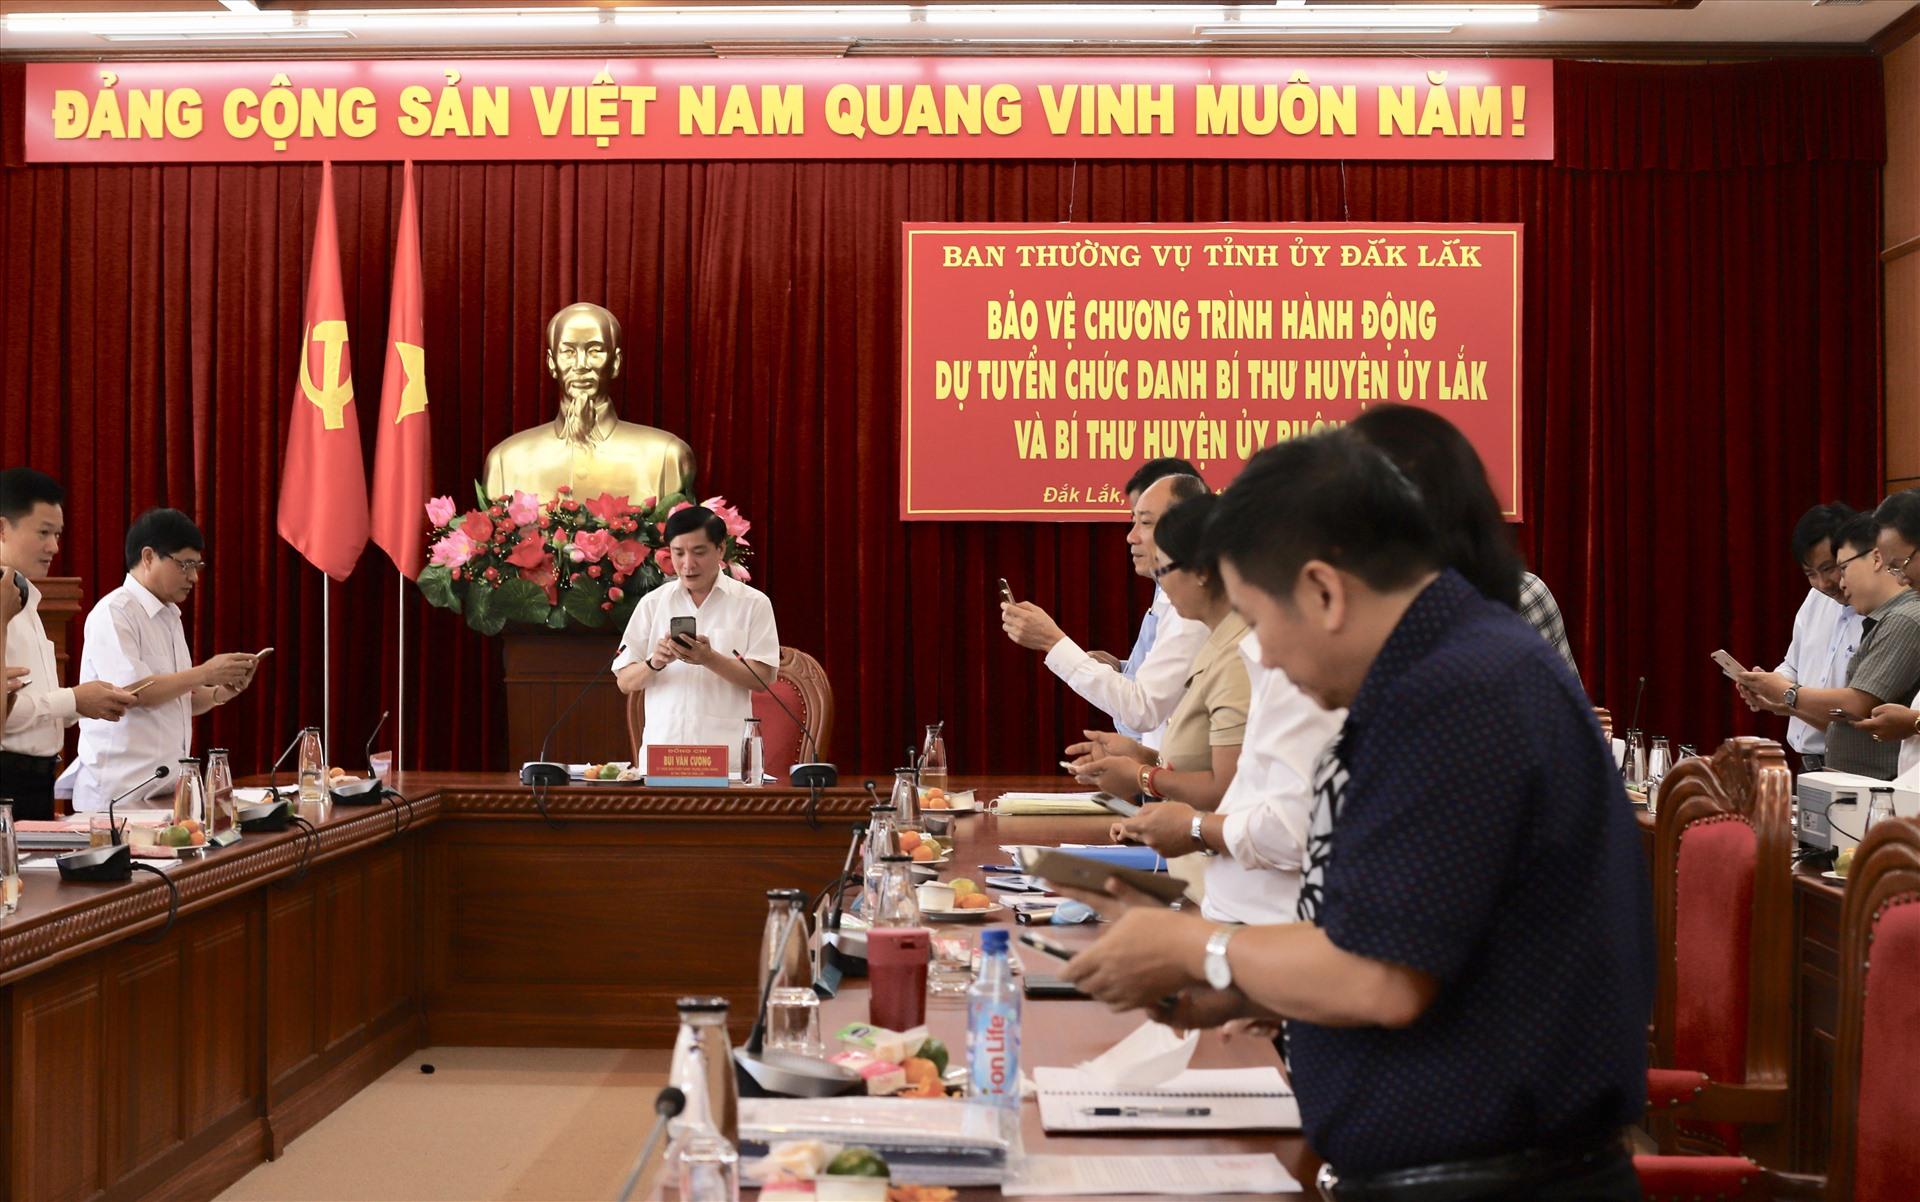 Tỉnh ủy, UBND tỉnh Đắk Lắk cùng nhau nhắn tin ủng hộ phòng dịch COVID-19. Ảnh: HL